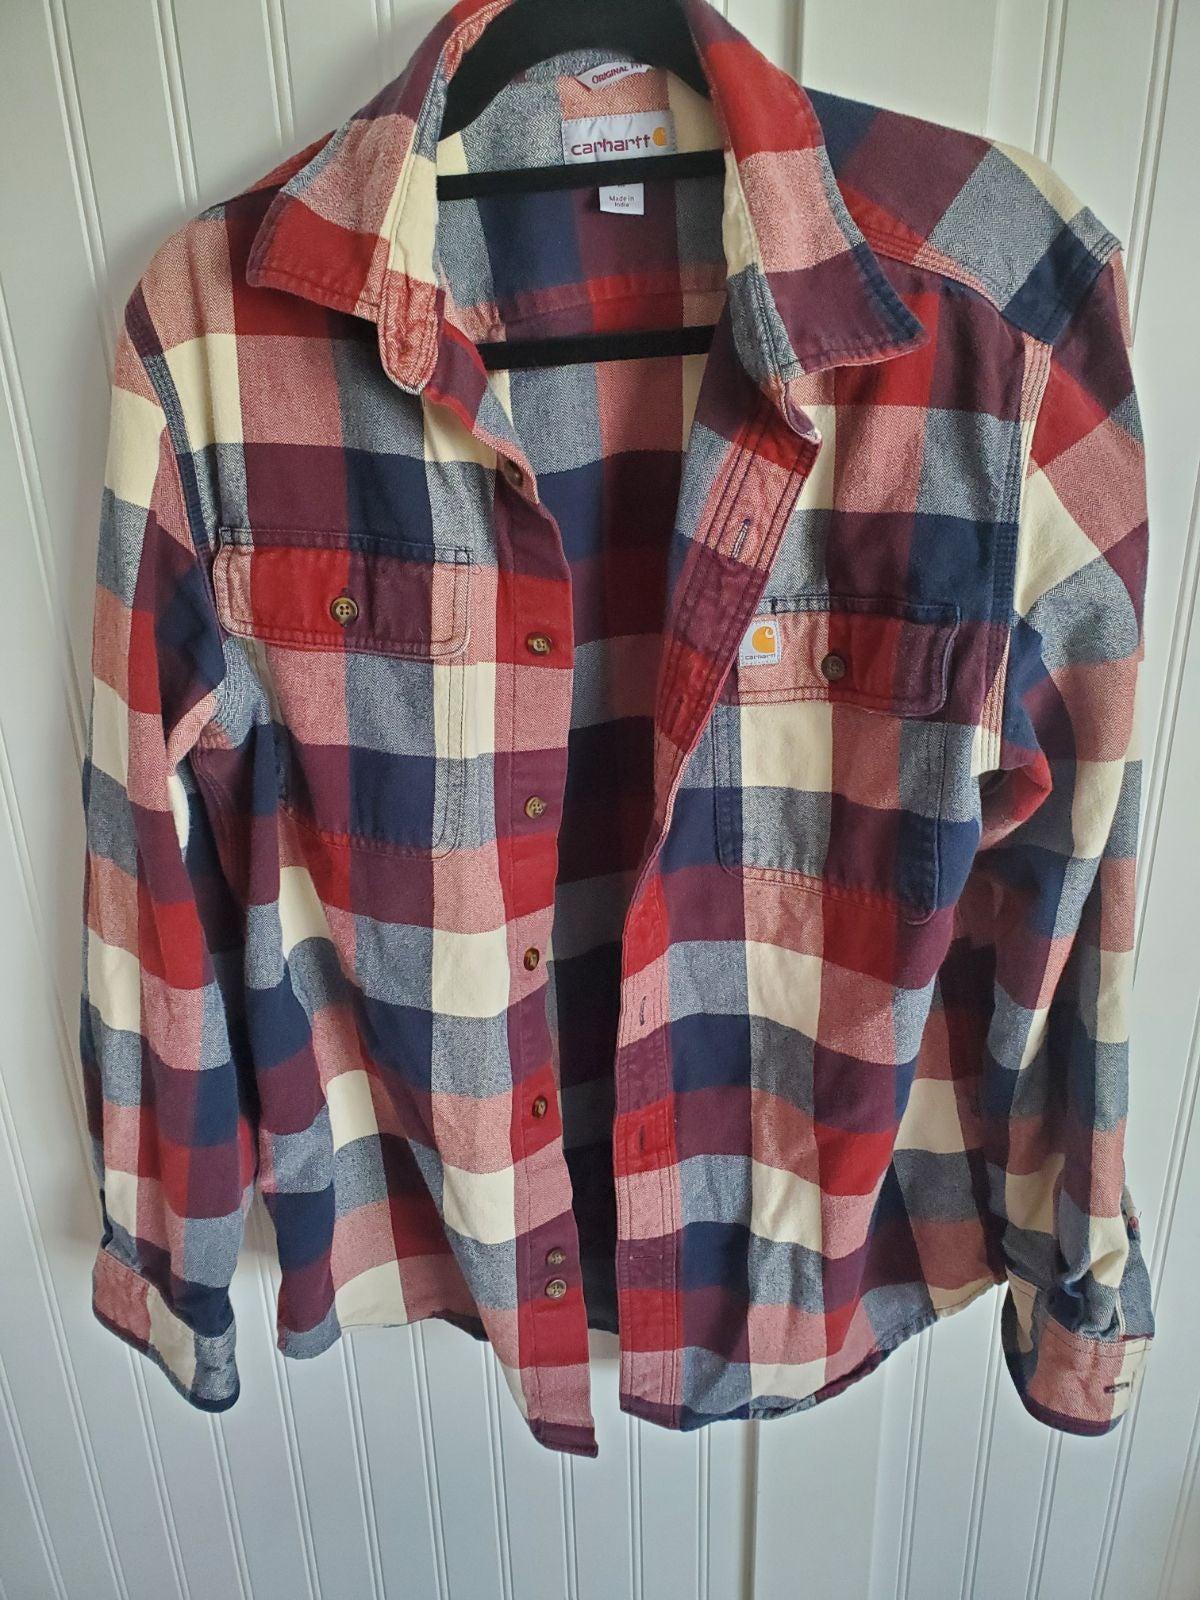 Carhartt button down shirt